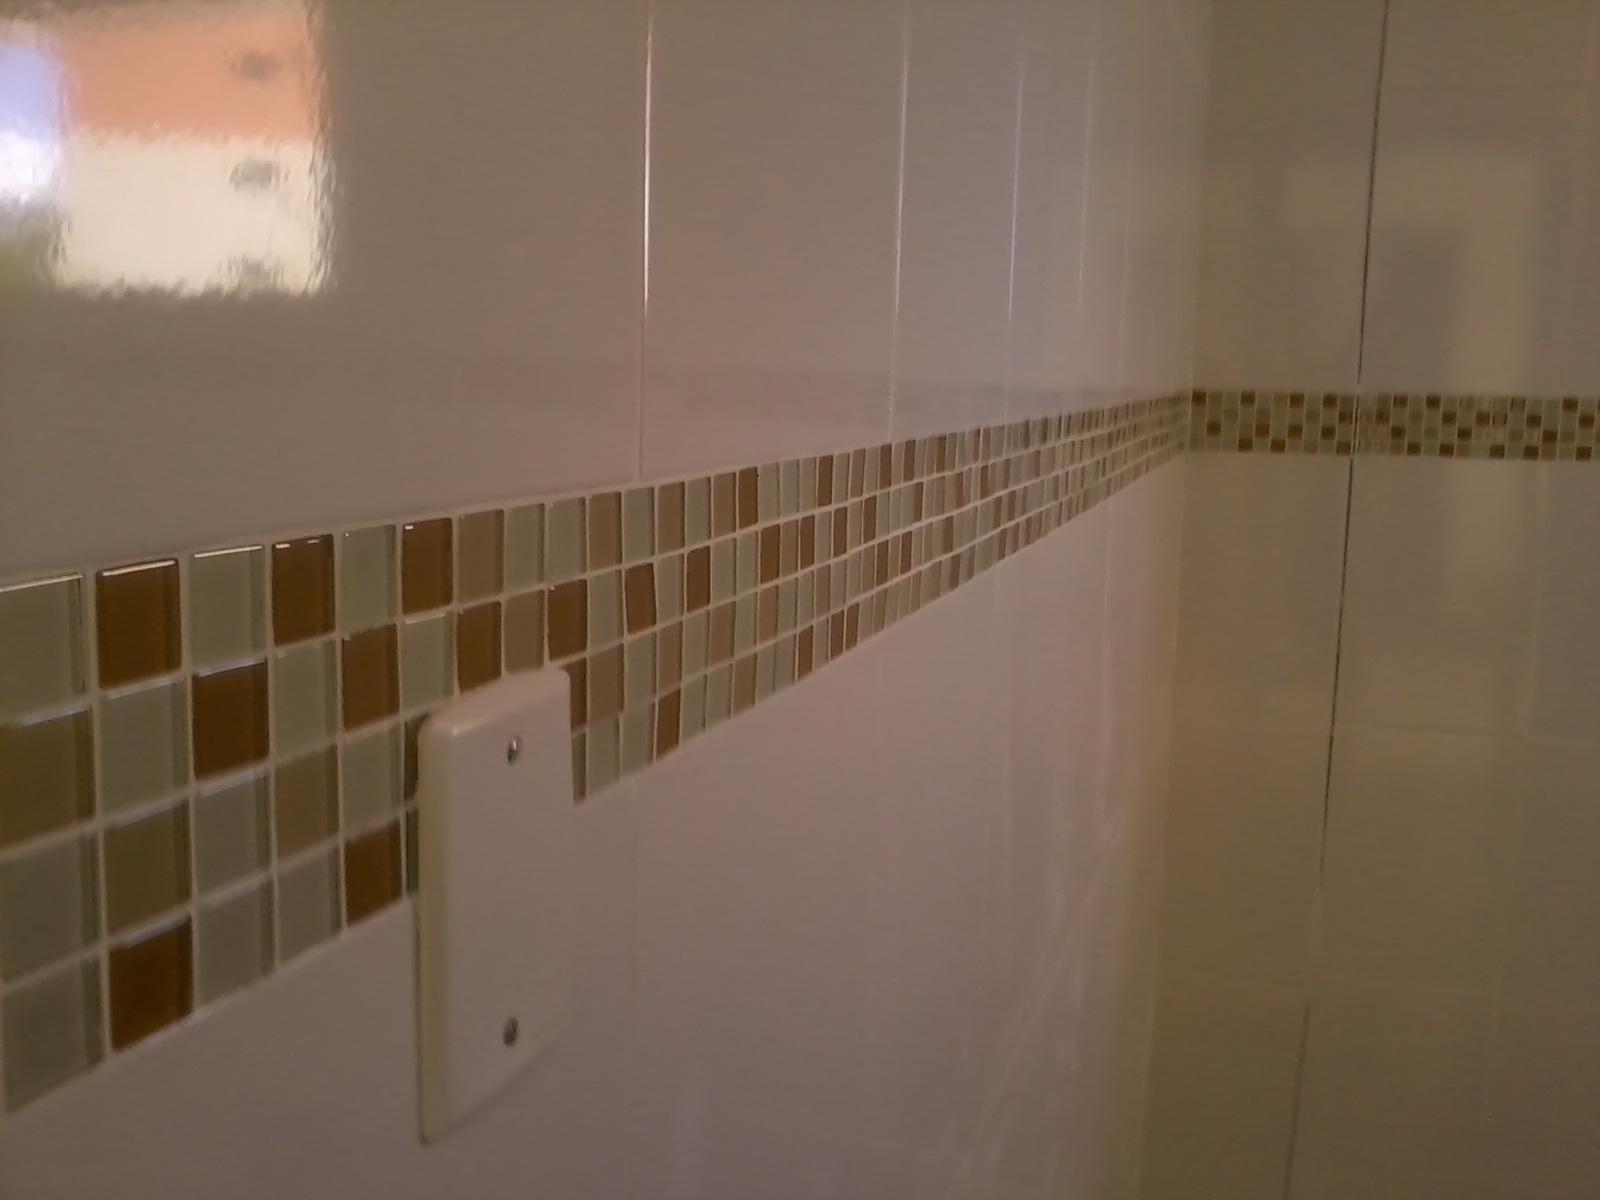 APARTAMENTO EM REFORMA: ''cozinha e banheiro pastilhas''  #4A361A 1600x1200 Banheiro Com Pastilhas Marron